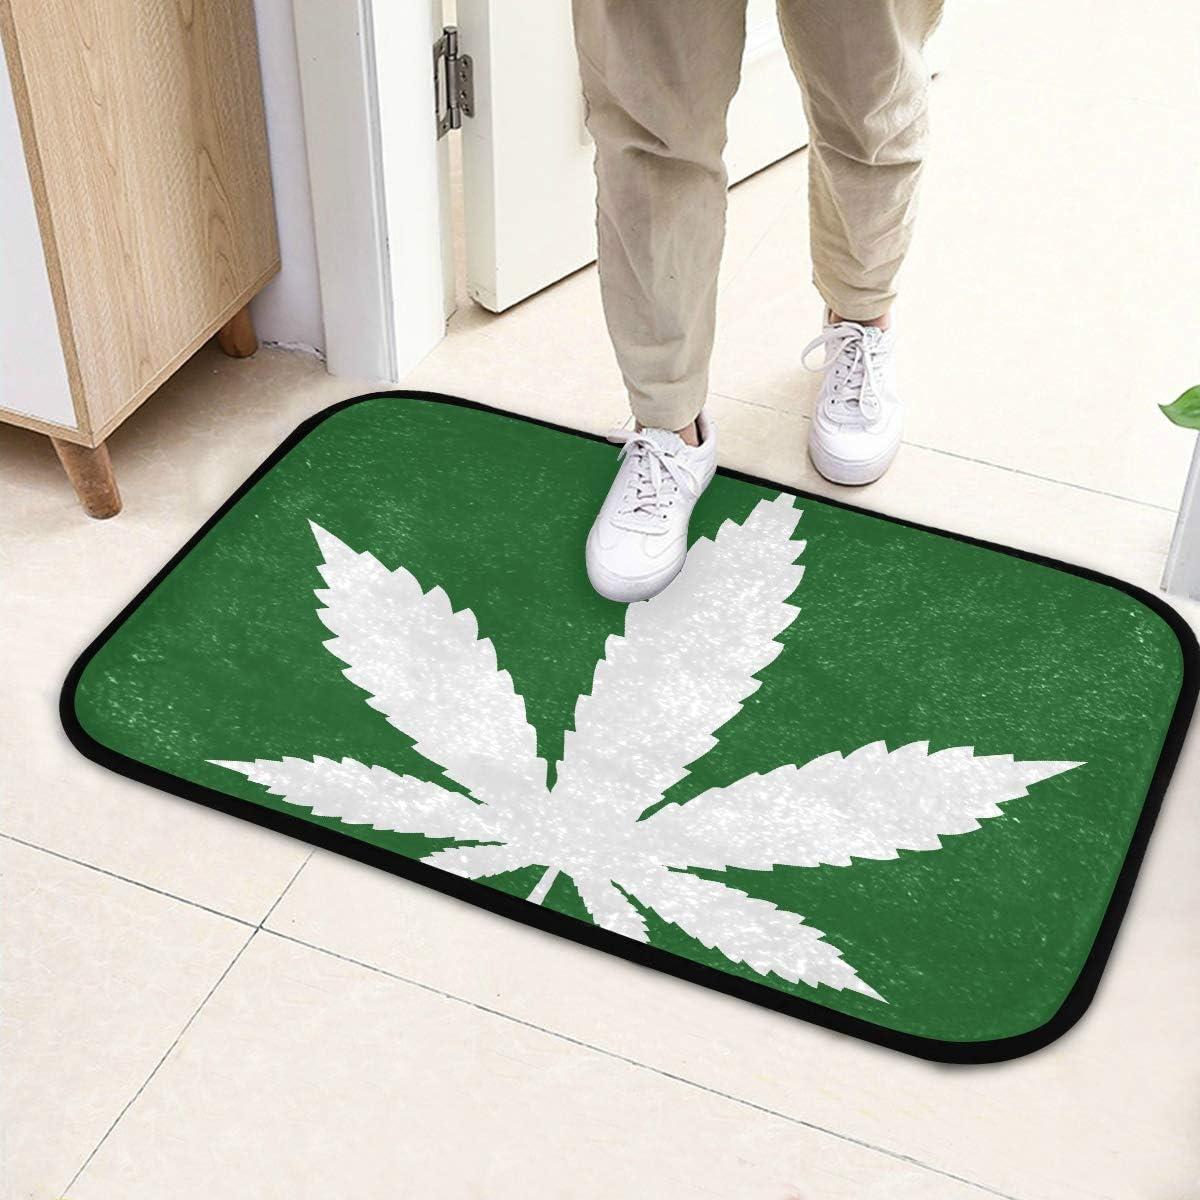 Alfombrilla para puerta Icono de hoja de marihuana Icono de cannabis Alfombra de piso de vector para niñas 23.6x15.7 pulgadas (60x40cm) microfibra Lavable para jardín Oficina Cocina Comedor Comedor D